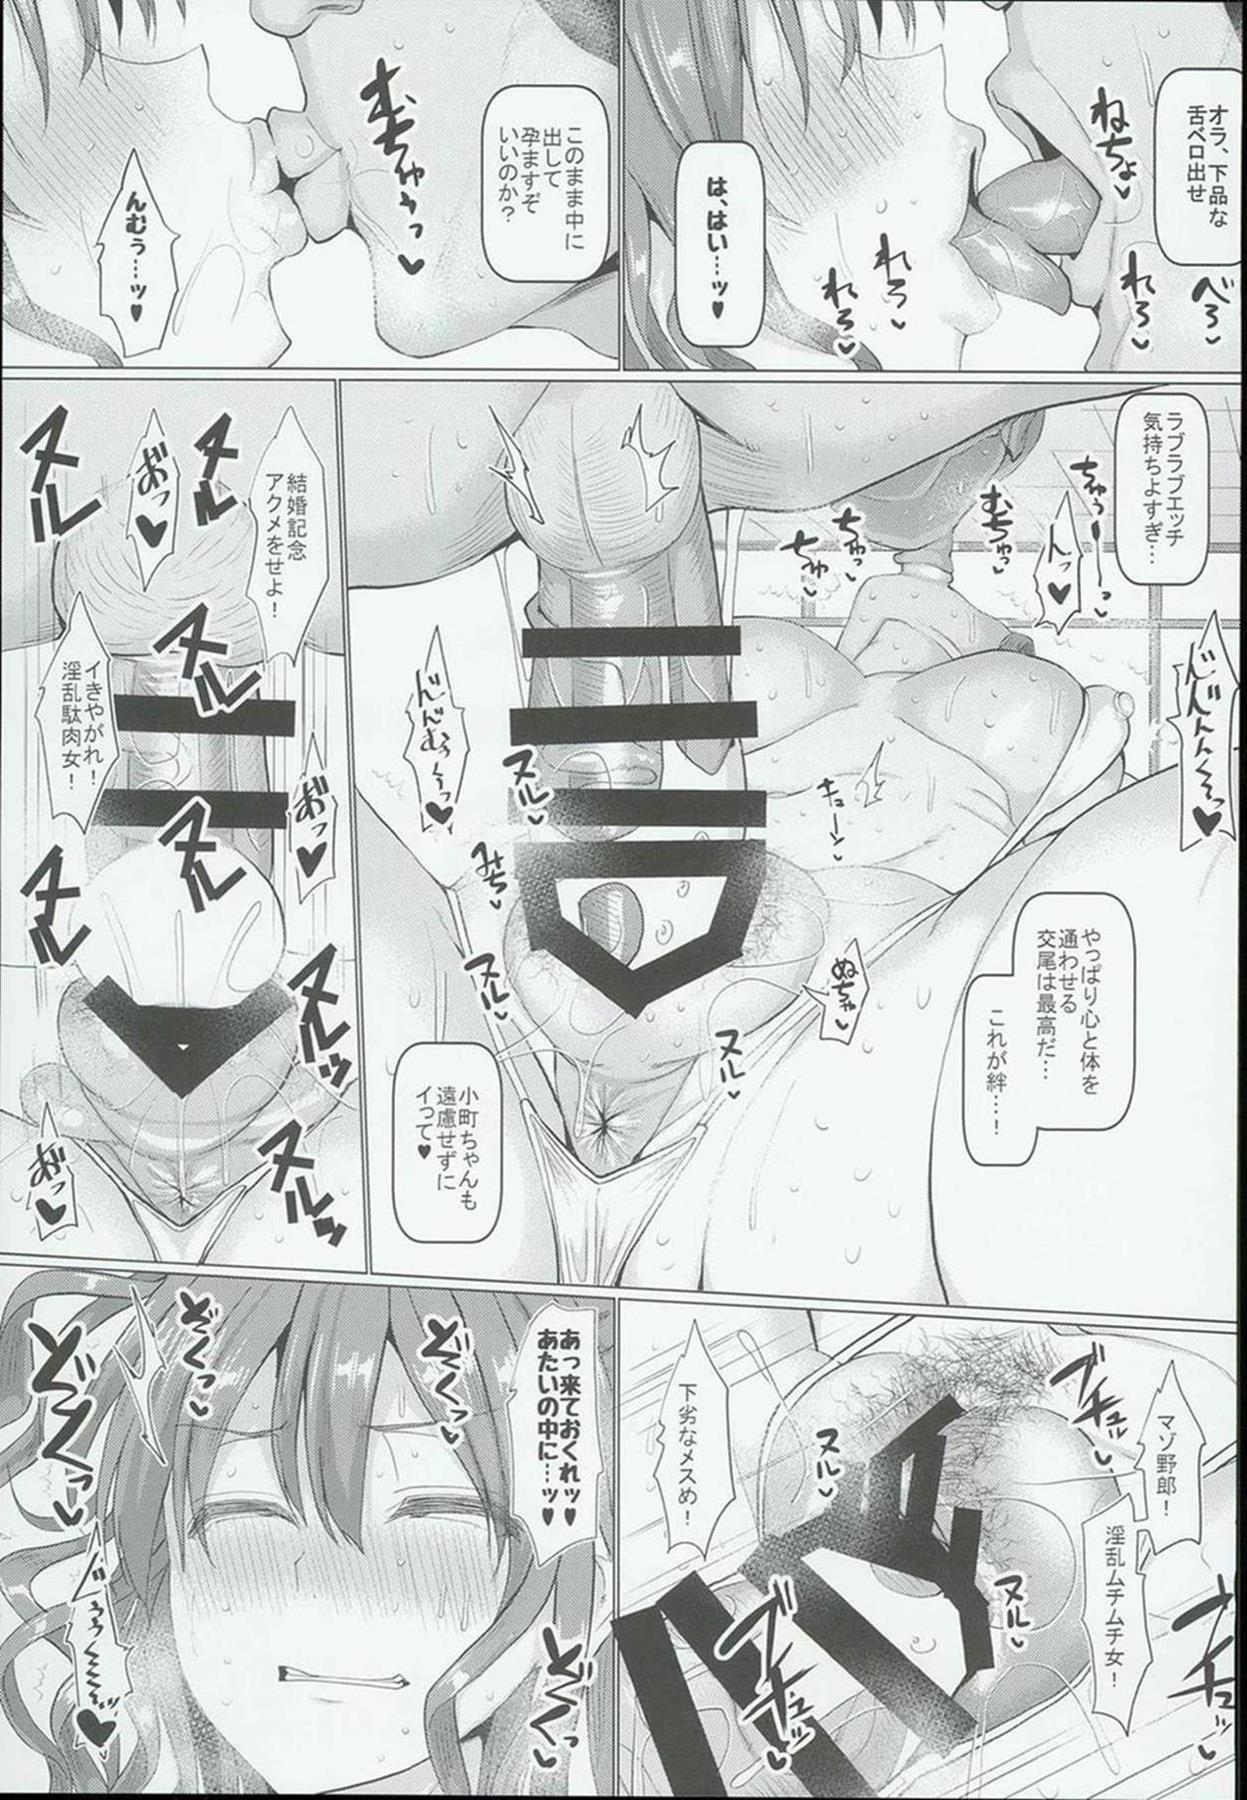 【東方 エロ漫画・エロ同人】催眠で性感帯白状させられてGスポほじられてるうちに転生のマゾメスであることが判明、好きに犯される小町ちゃんwwww (28)